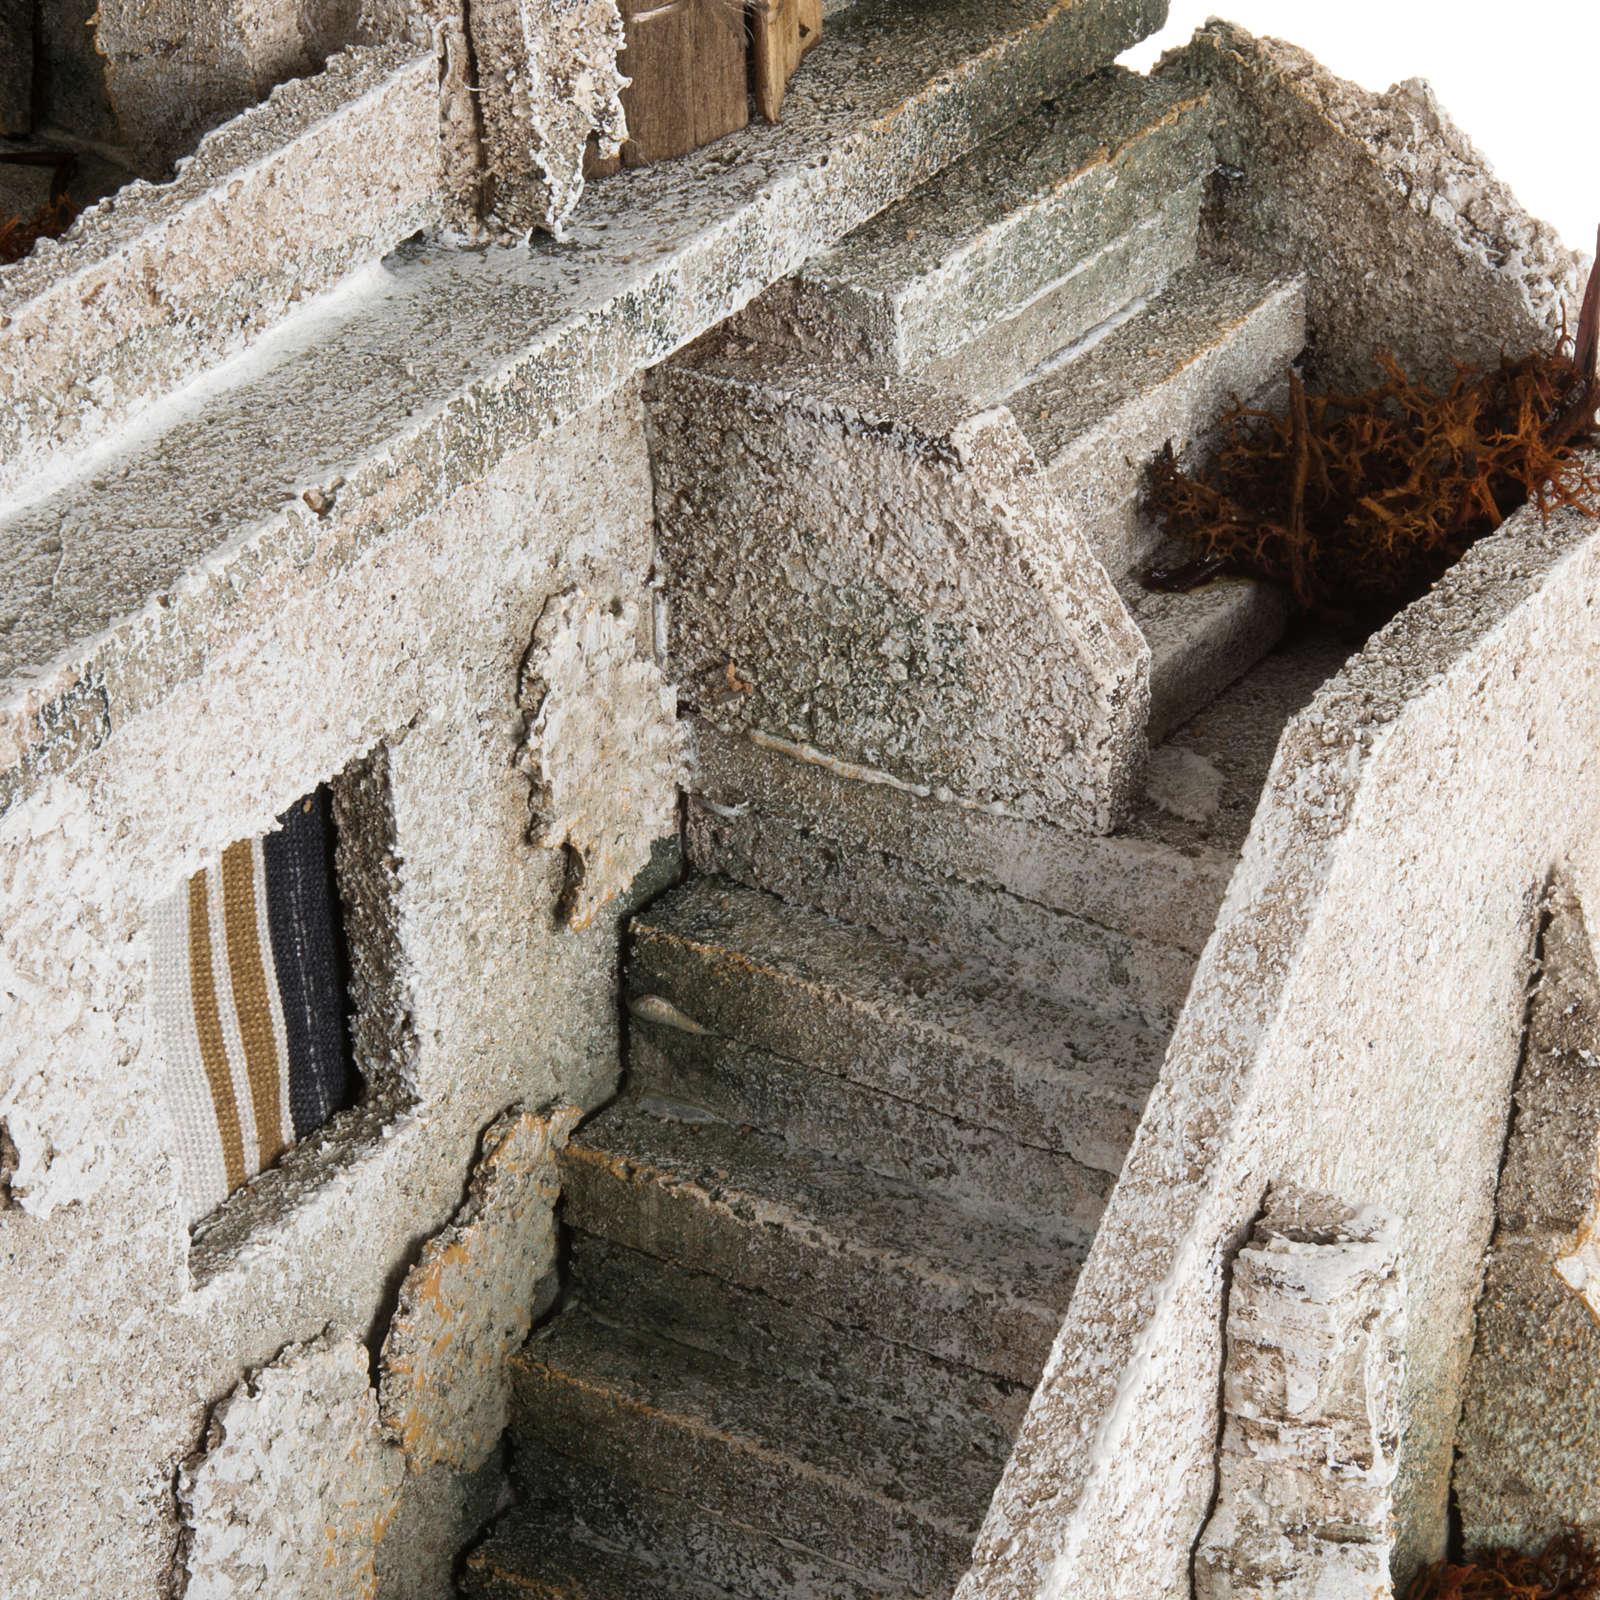 Nativity setting, illuminated minaret with stairs 4